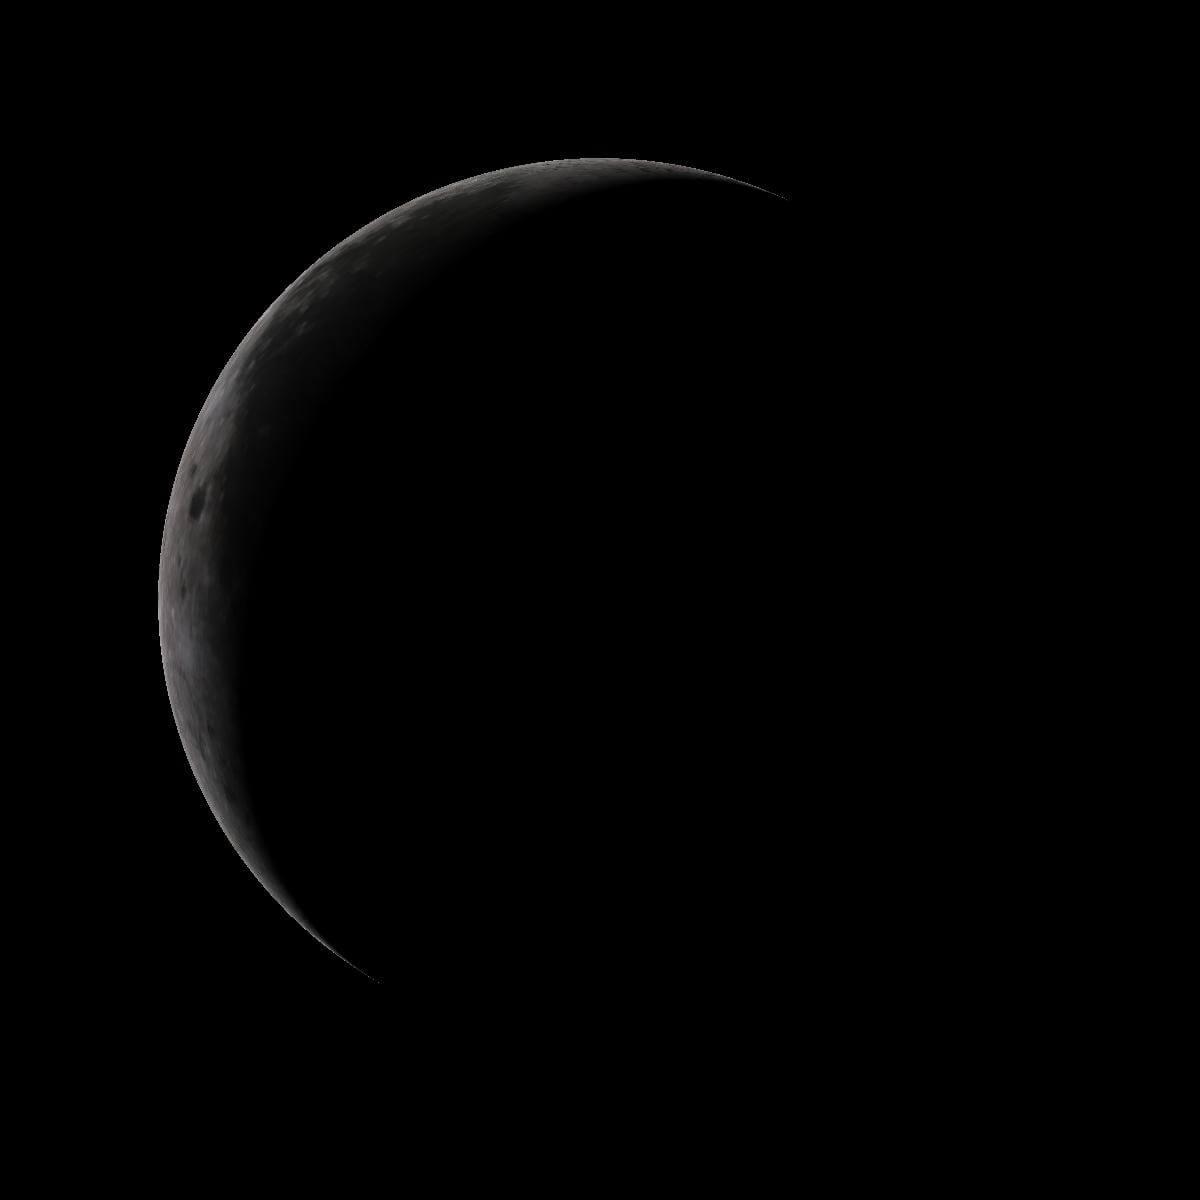 Lune du 19 mai 2020